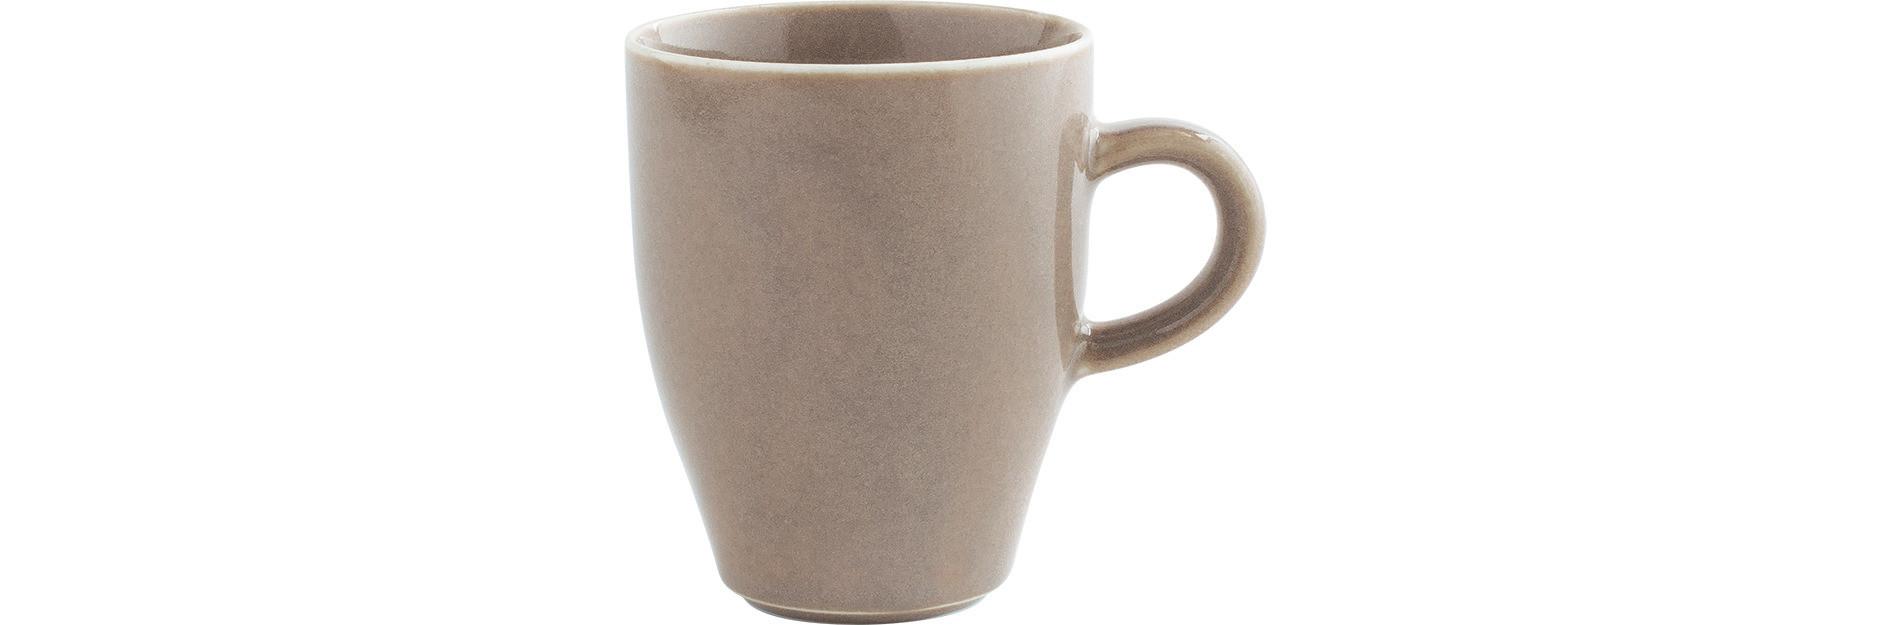 Homestyle, Kaffeebecher ø 85 mm / 0,32 l desert sand